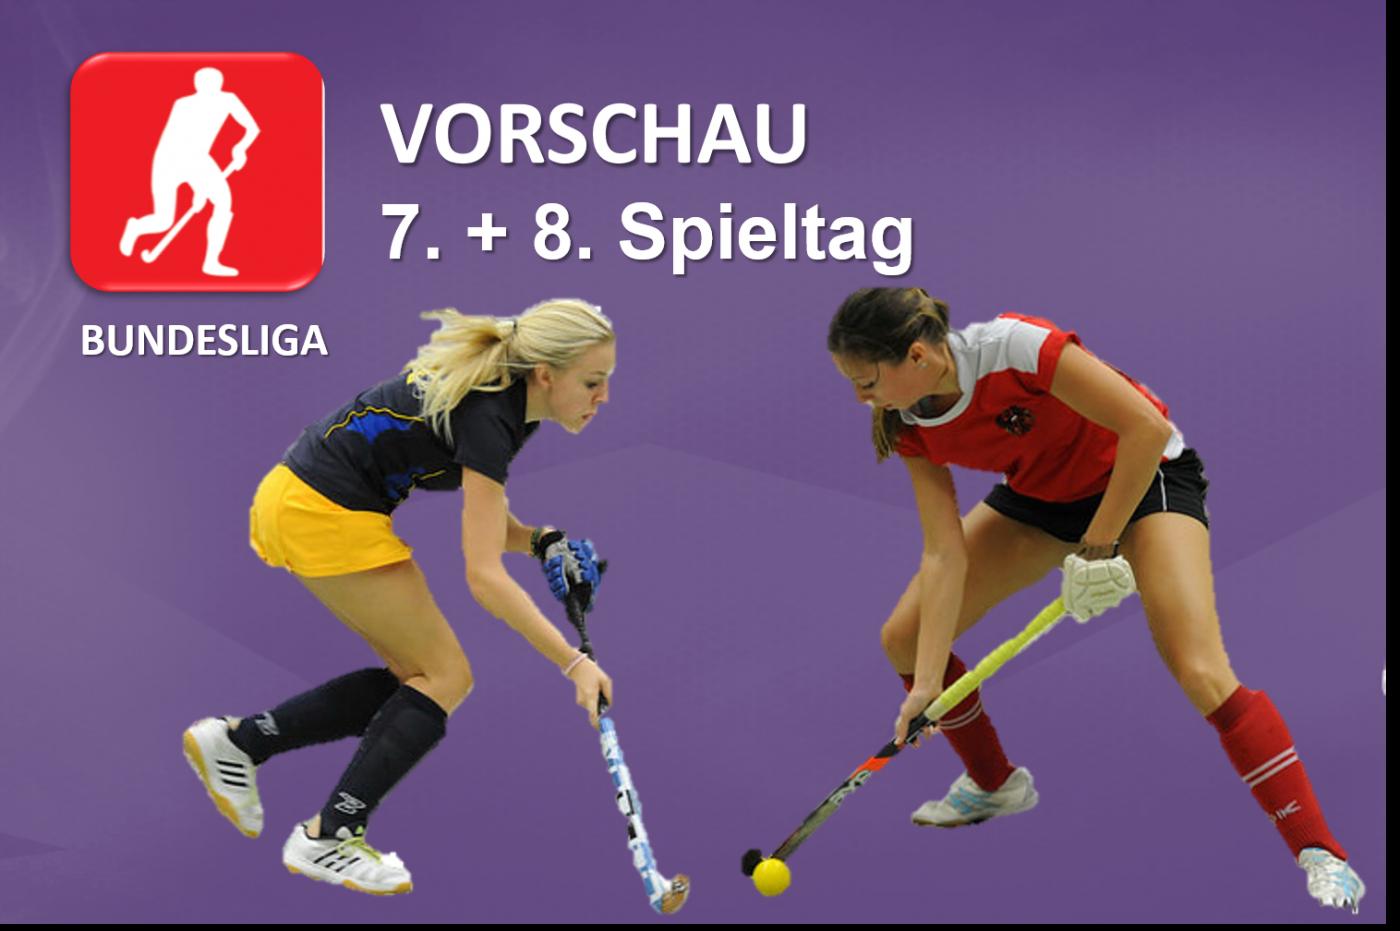 files/oehv/Bilder/2017/BL Damen Halle 2017/Damen Spieltag 7-8 Titel.png